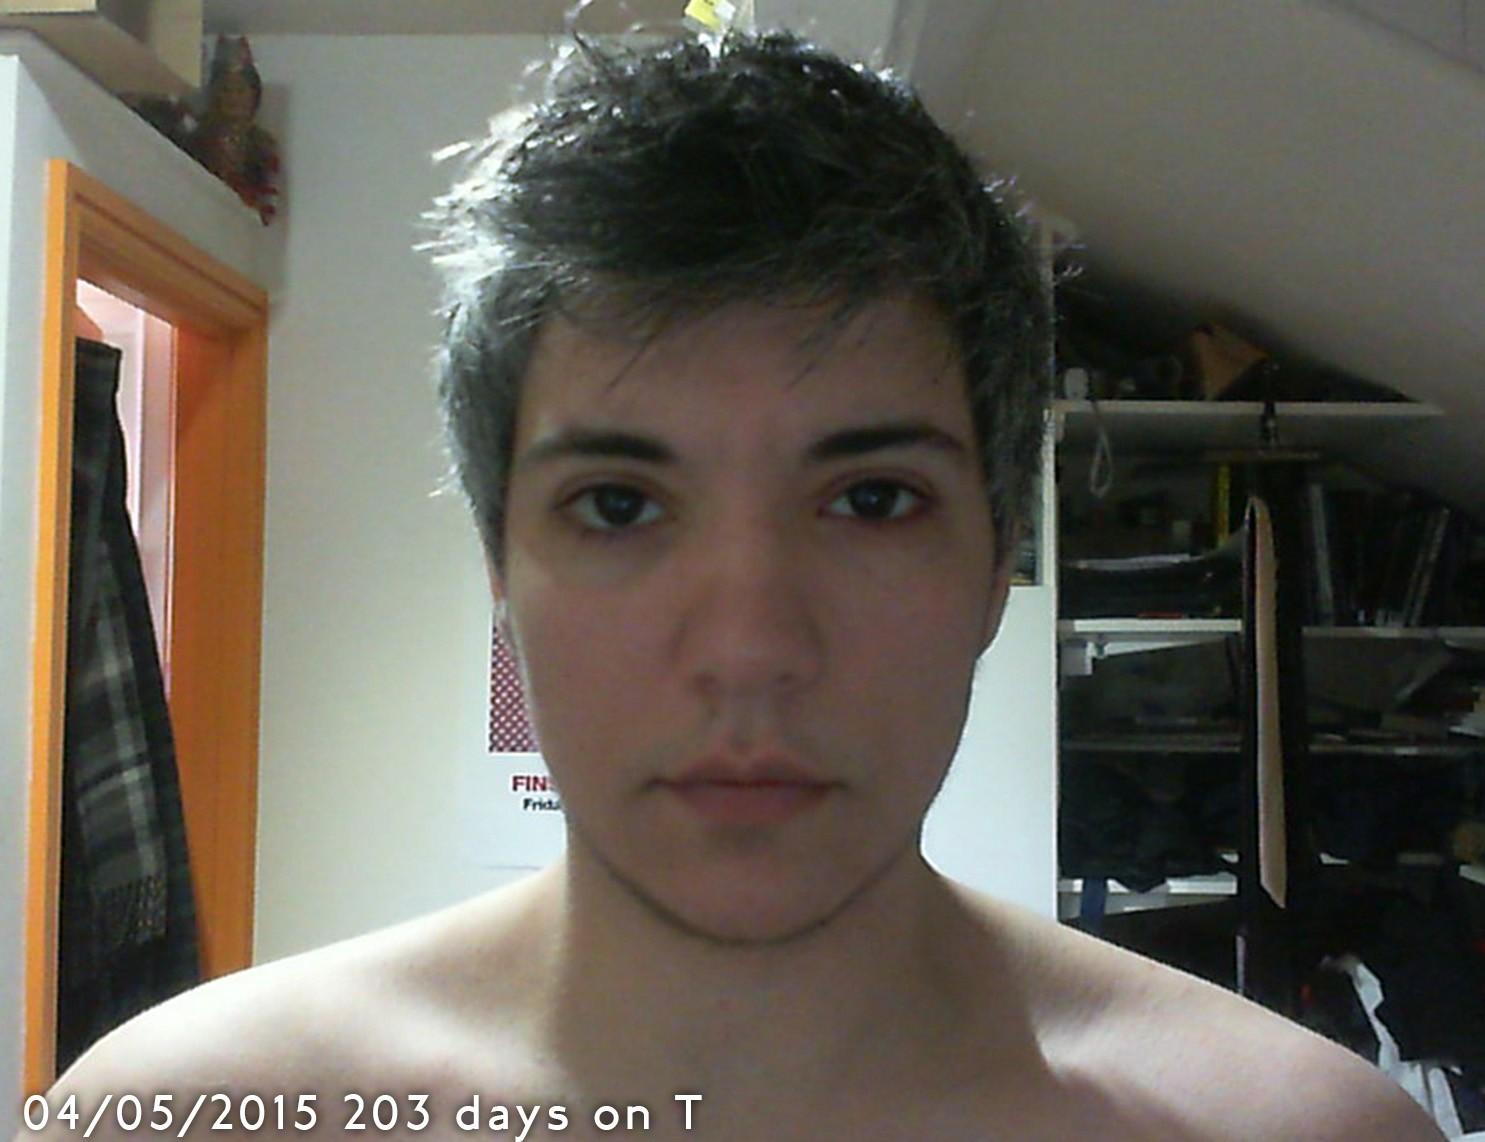 ξύρισμα μουνί φωτογραφία